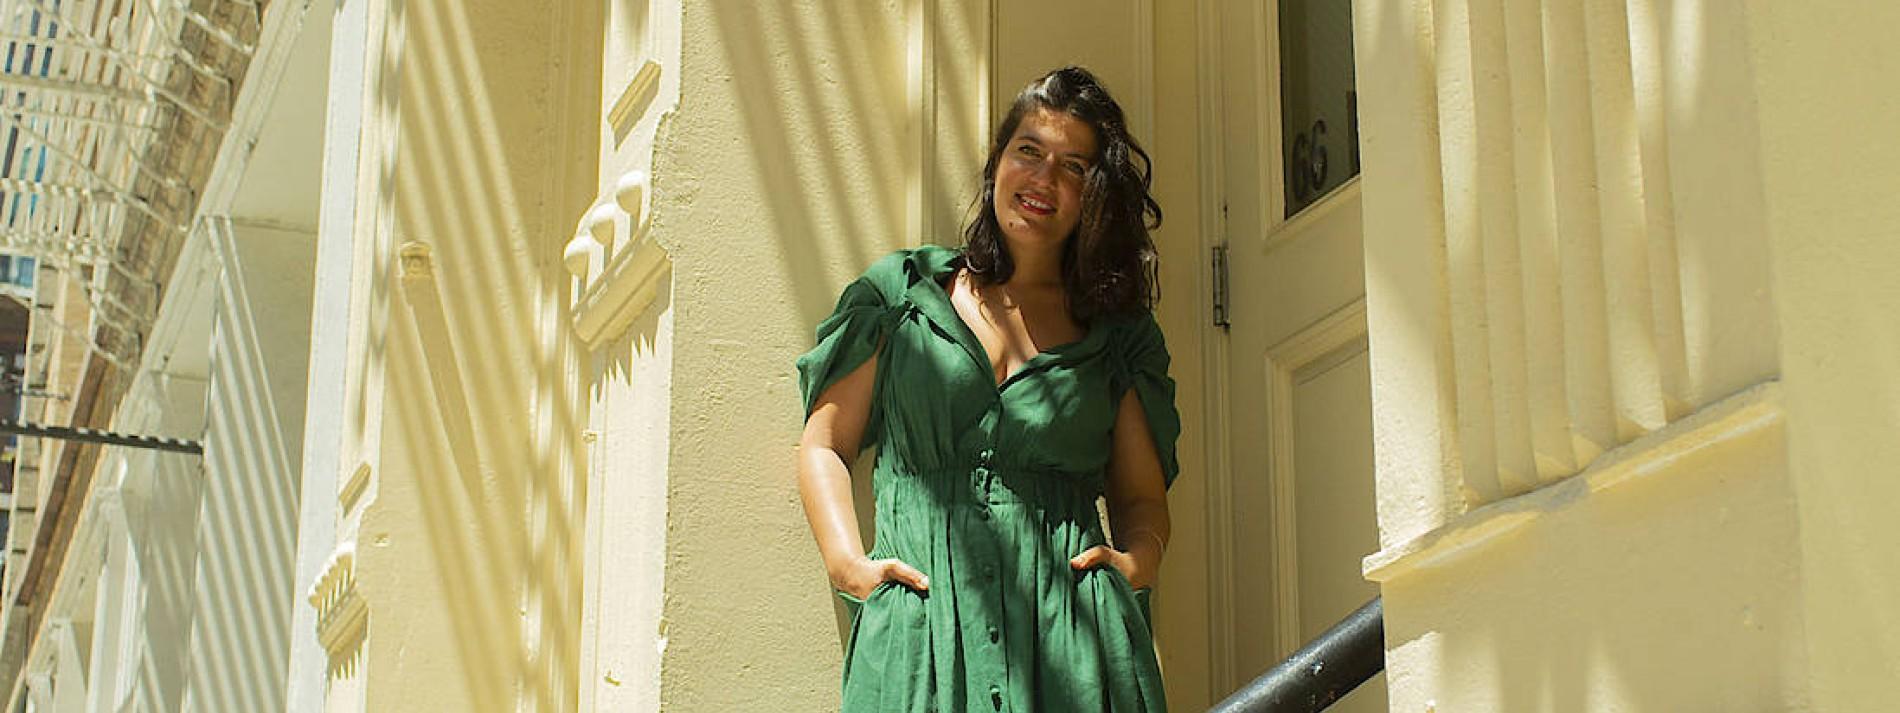 Die Frau, die Kleiderordnungen überwindet